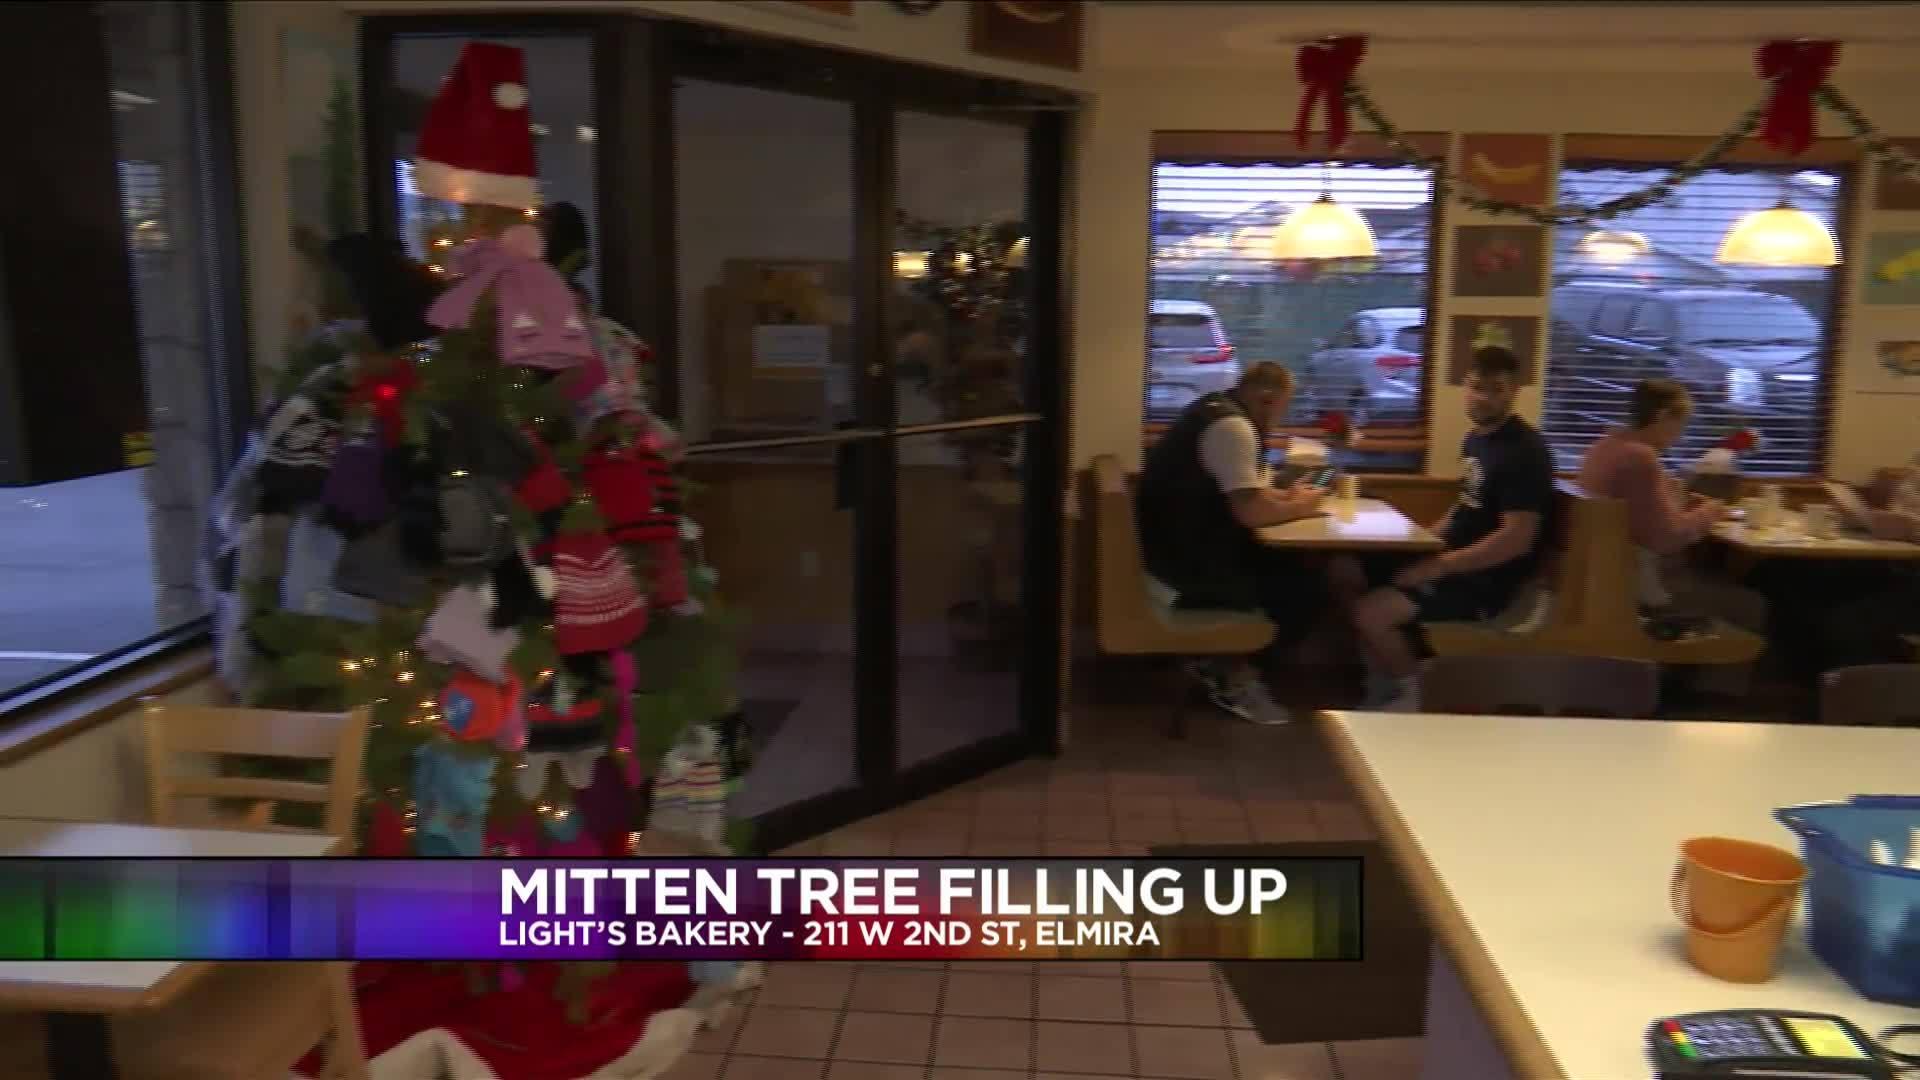 Mitten_tree_Light_s_Bakery_3_20181217174712